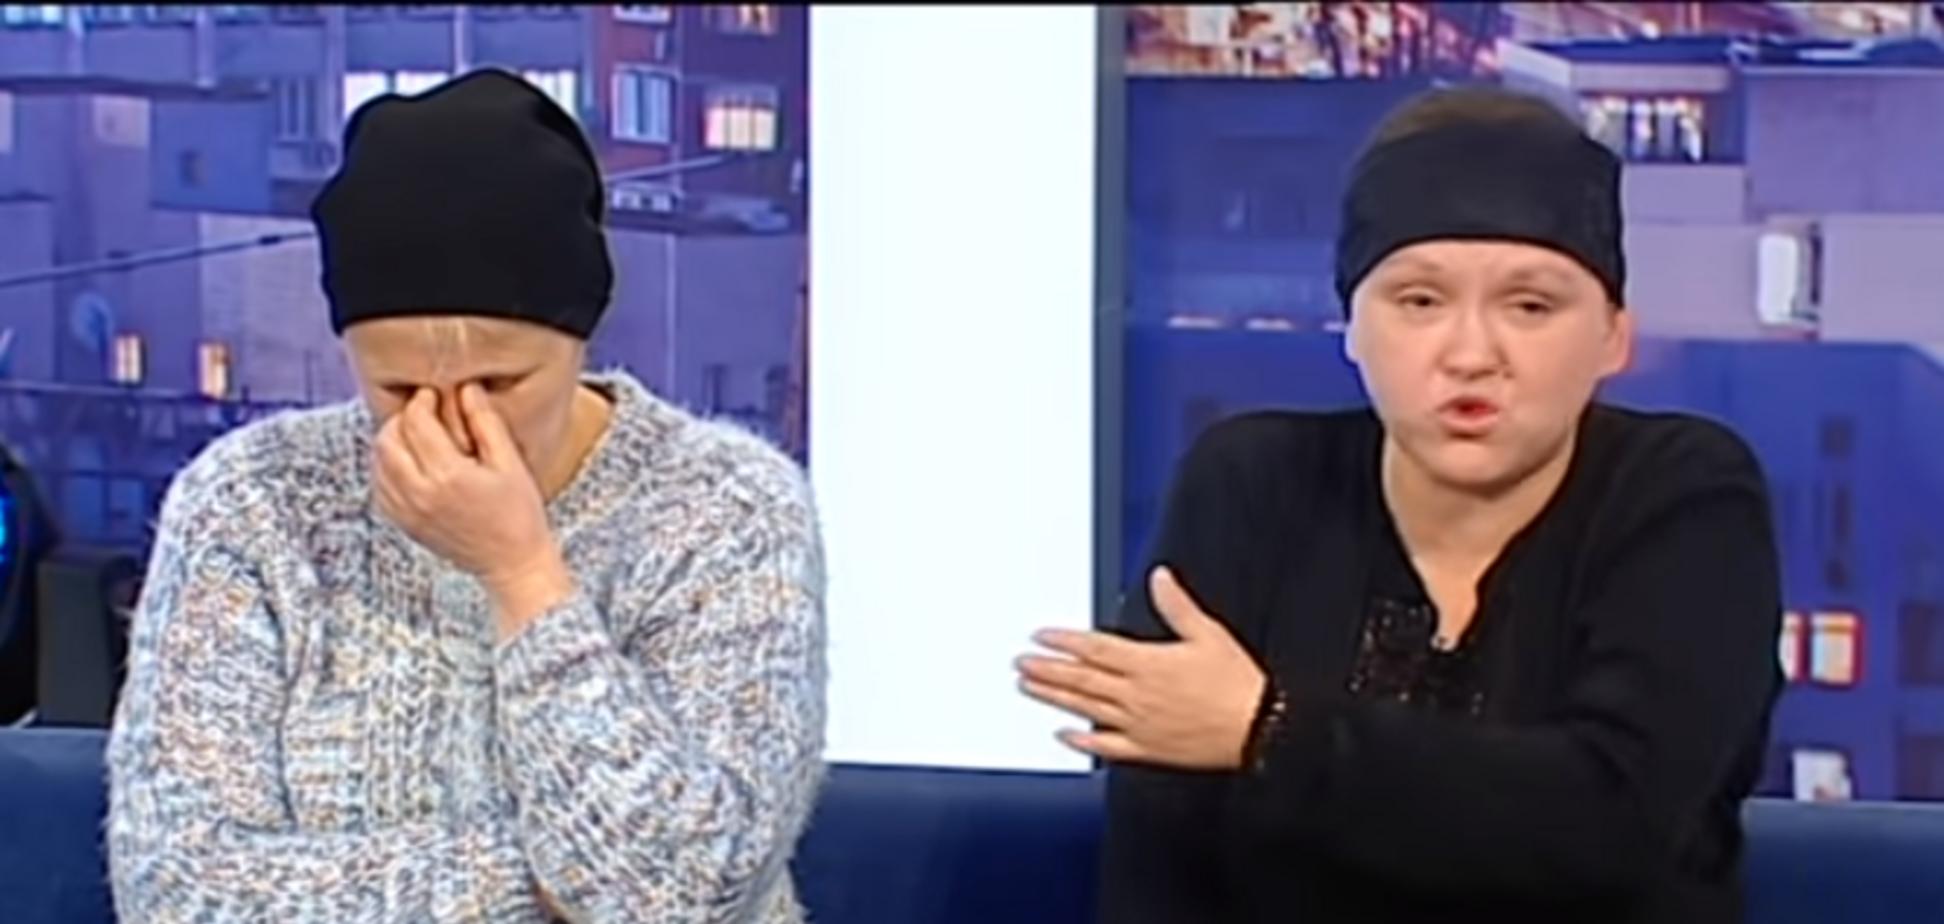 Вбивство дівчат в Києві: батьки шокували деталям